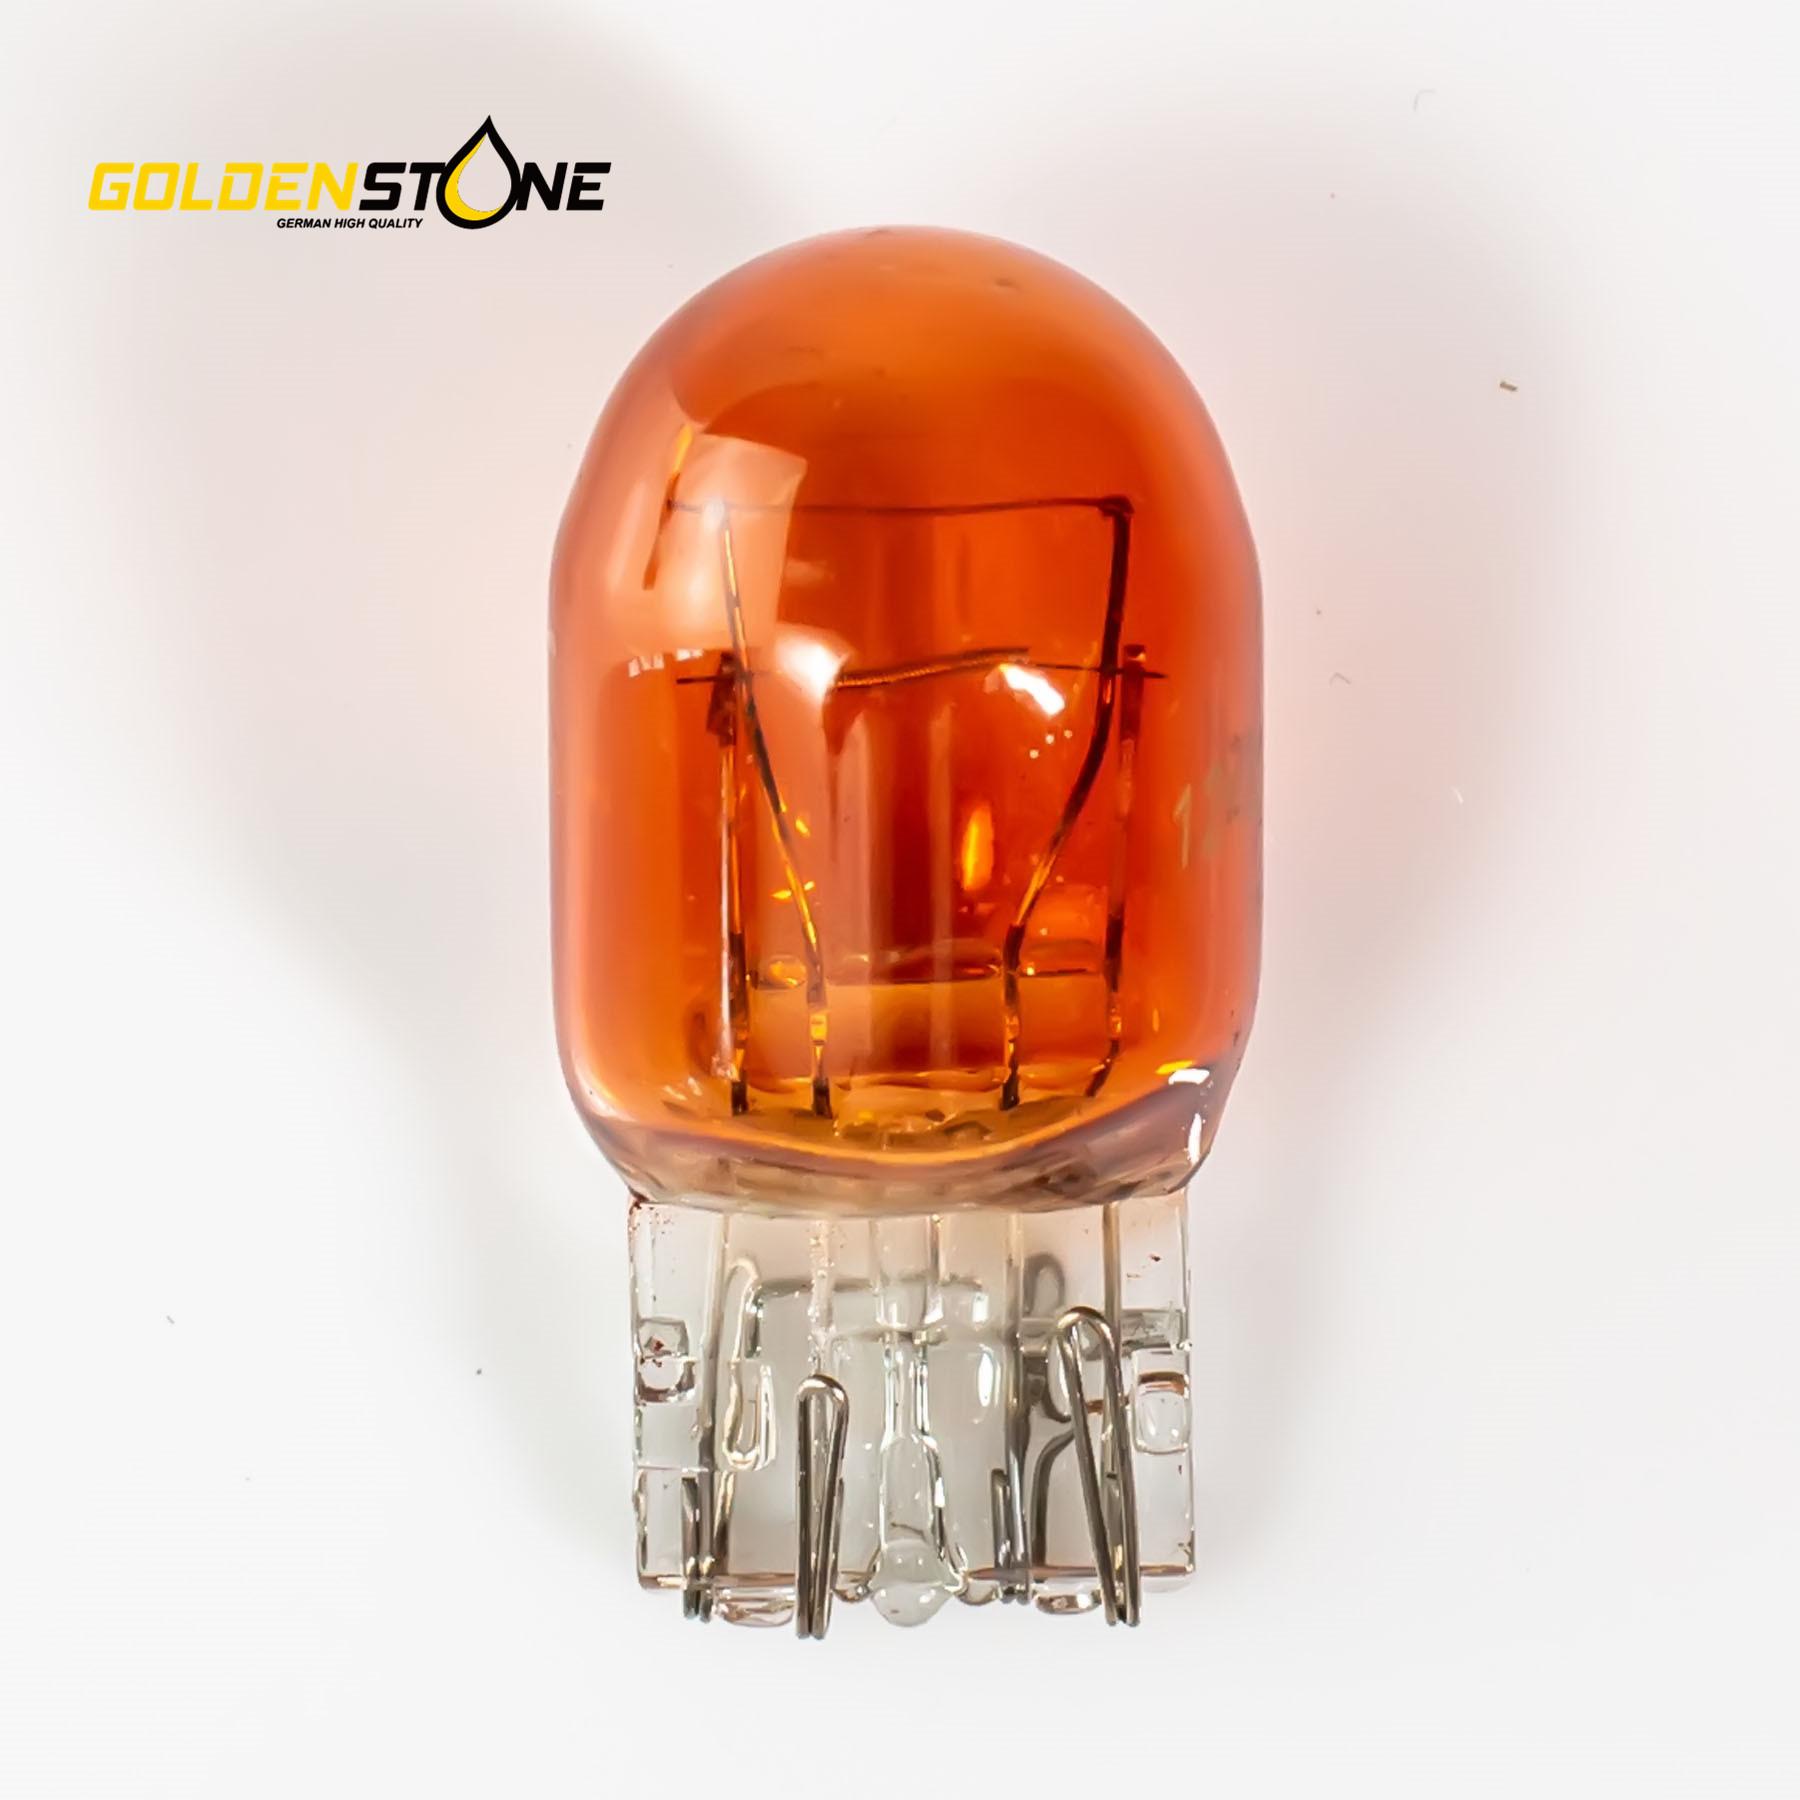 Goldenstone Pære WY21W/5W T20 W3x16q 12V 10stk.